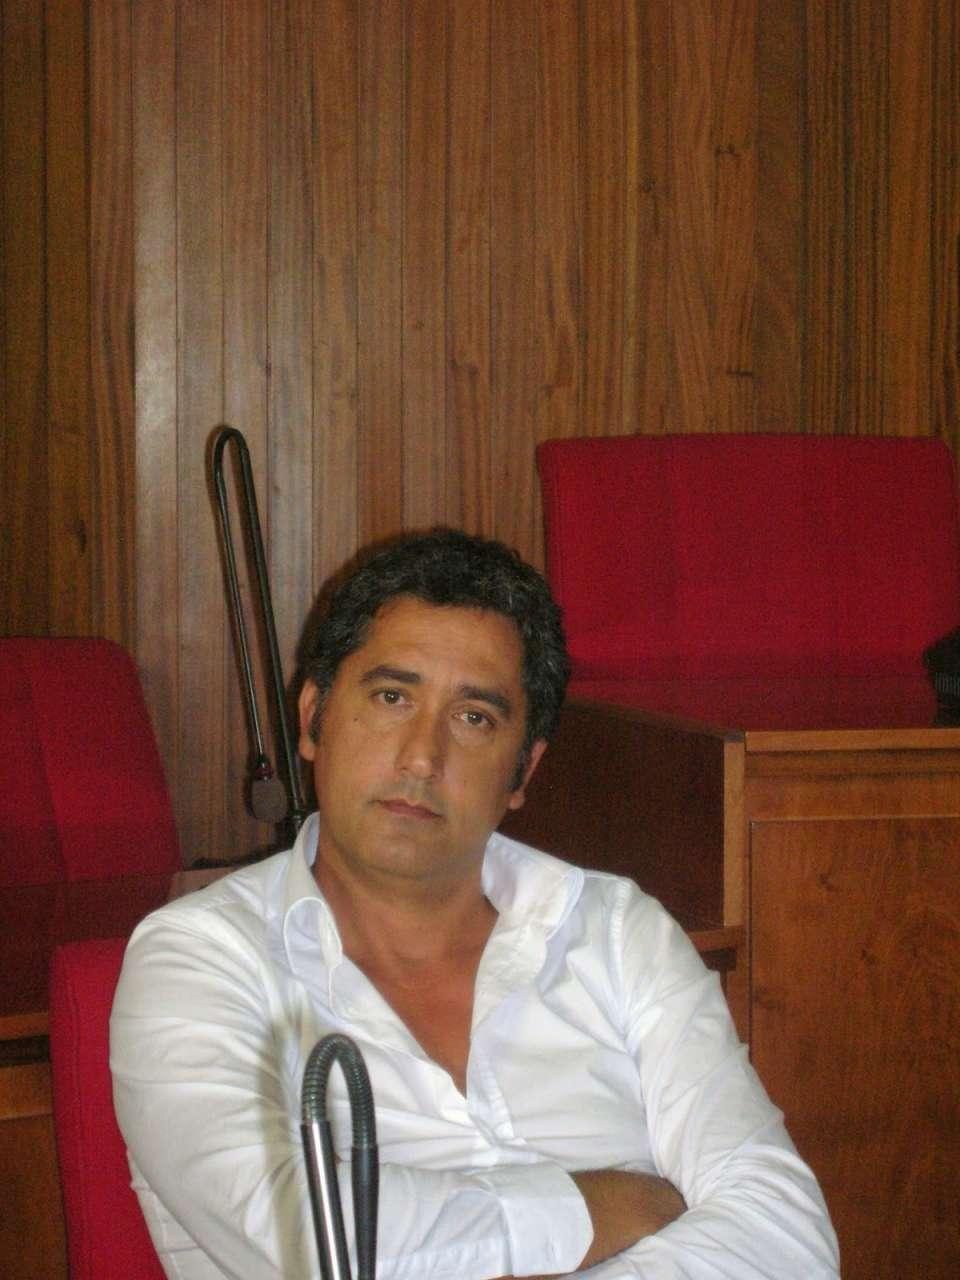 GiovanniAbbatepaolo